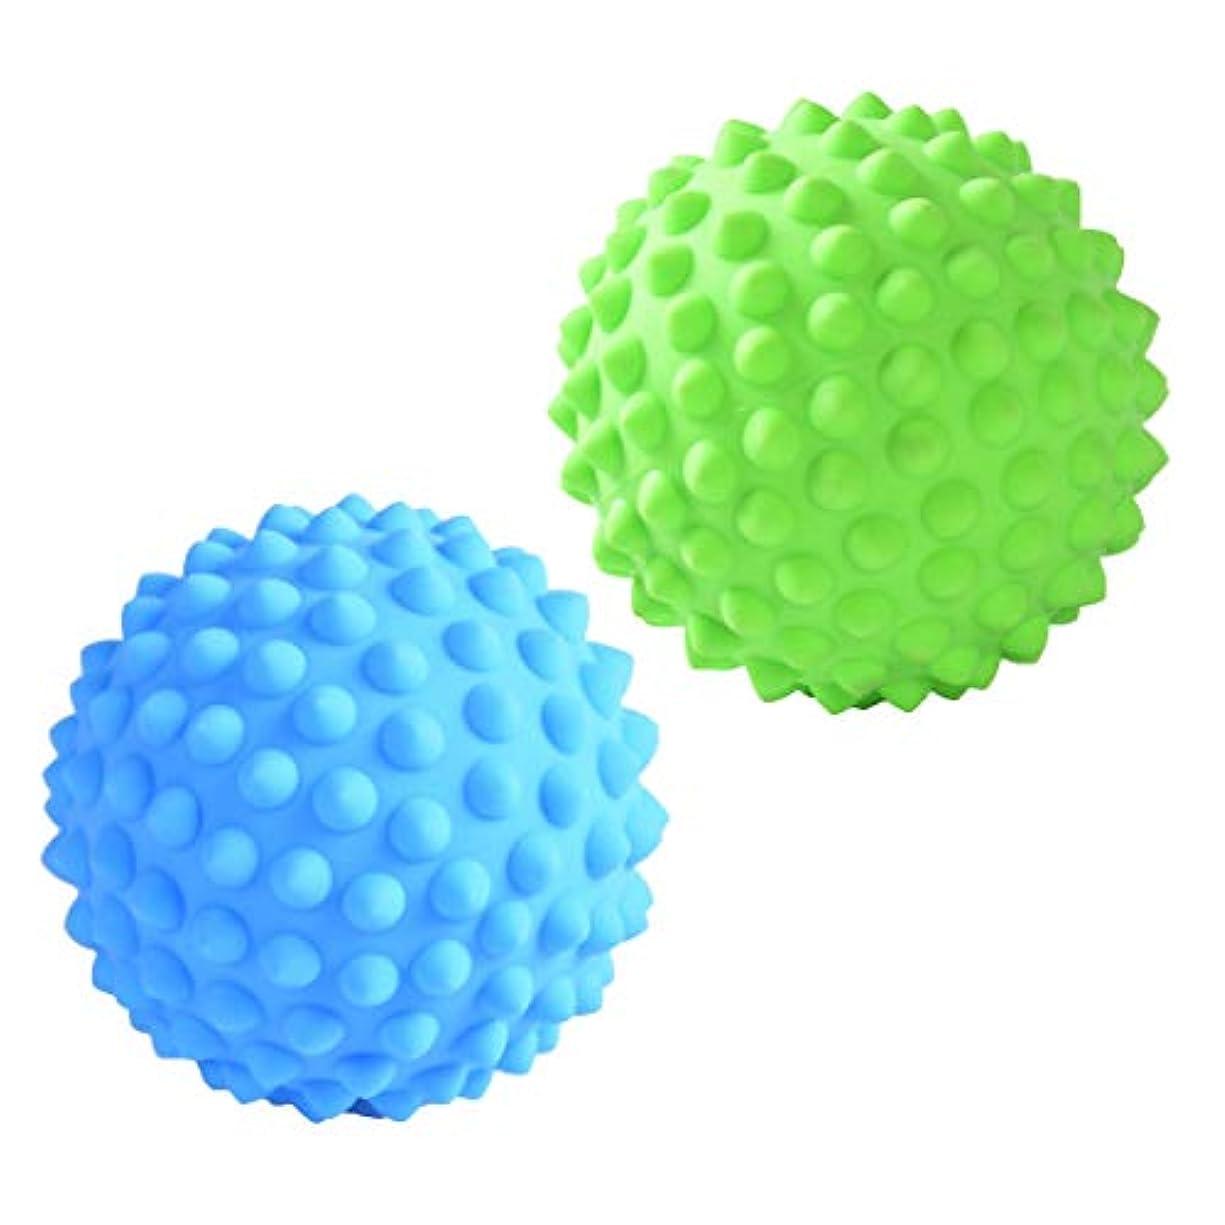 アンプ会話エンティティD DOLITY マッサージローラーボール マッサージローラー 指圧ボール トリガーポイント ツボ押しグッズ 2個入